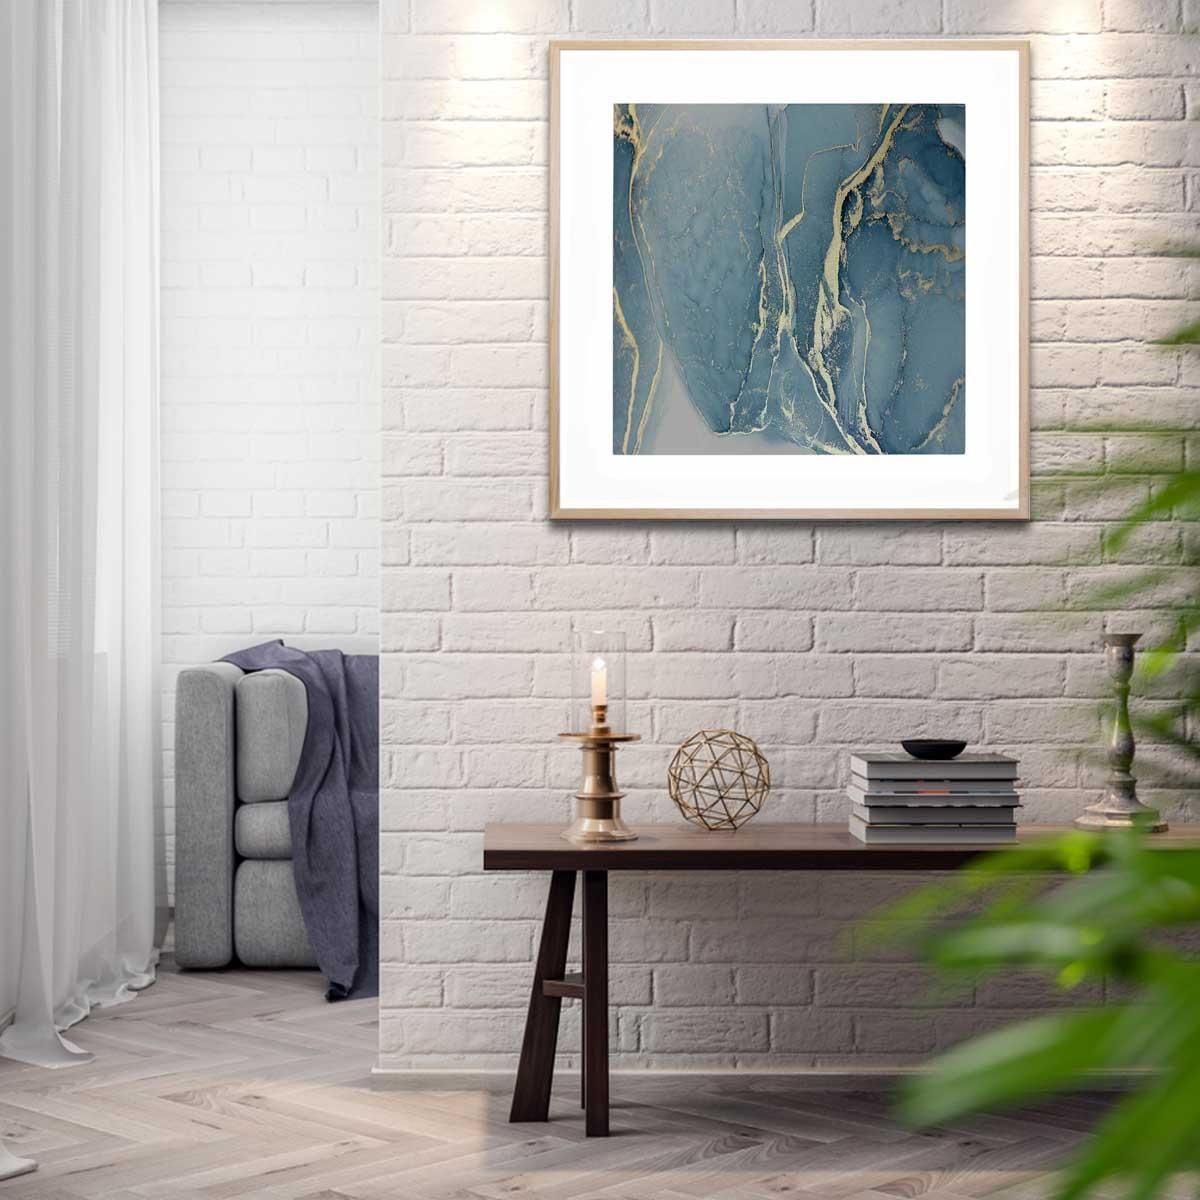 Framed Prints Online | Buy Framed Prints Online, Shipped Across ...